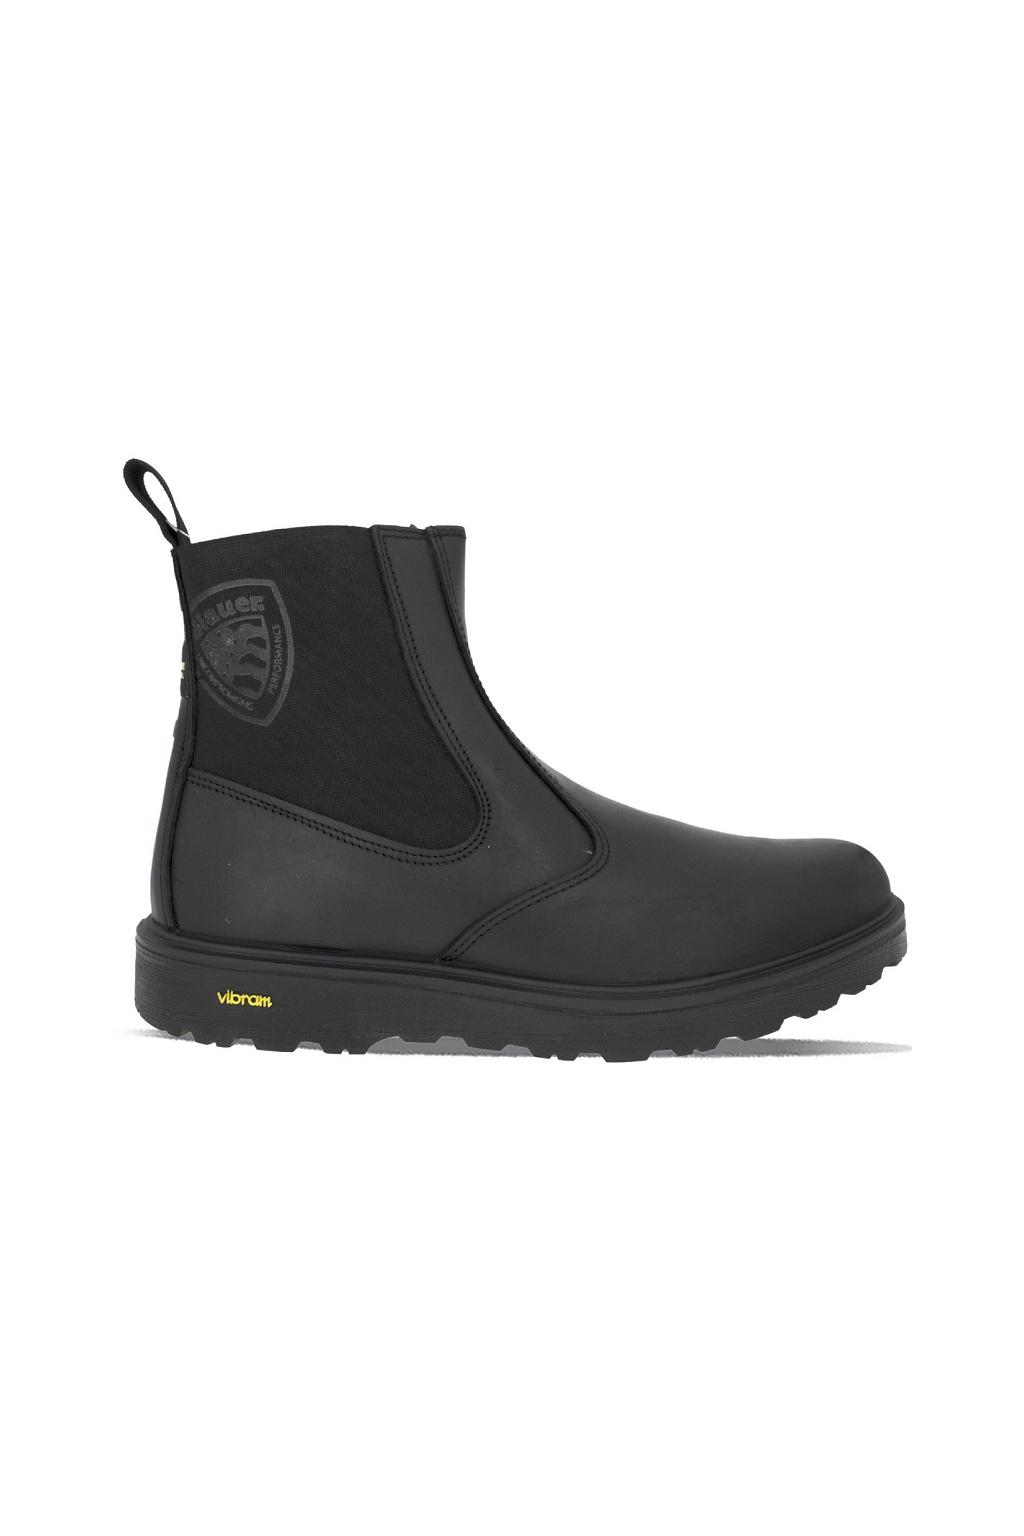 F0GUANTANAMO07/LEA Pánská obuv Guantanamo Blauer černá